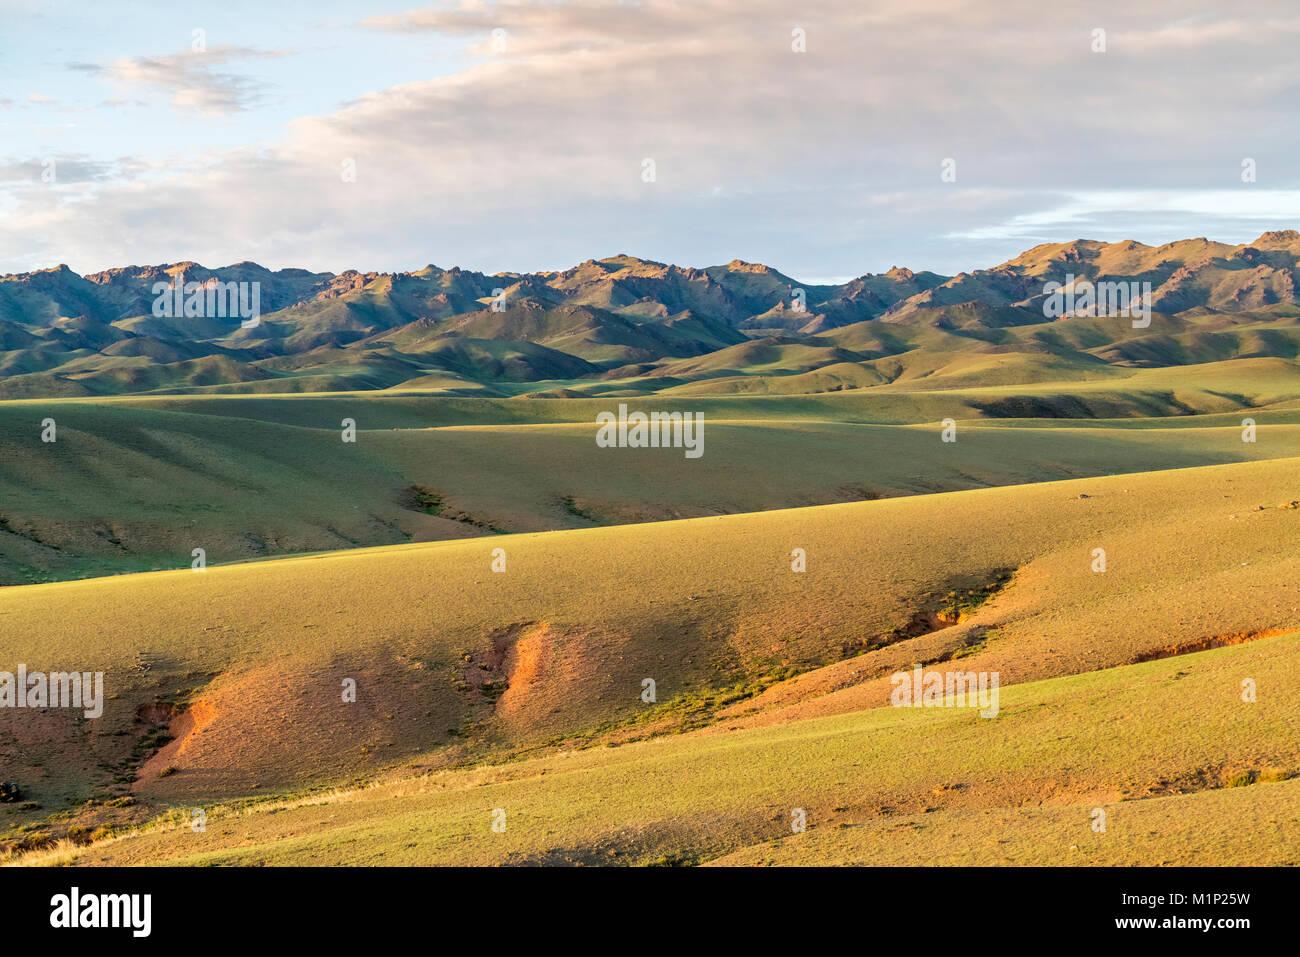 Le colline e le montagne, Bayandalai distretto, a sud della provincia di Gobi, Mongolia, Asia Centrale, Asia Immagini Stock